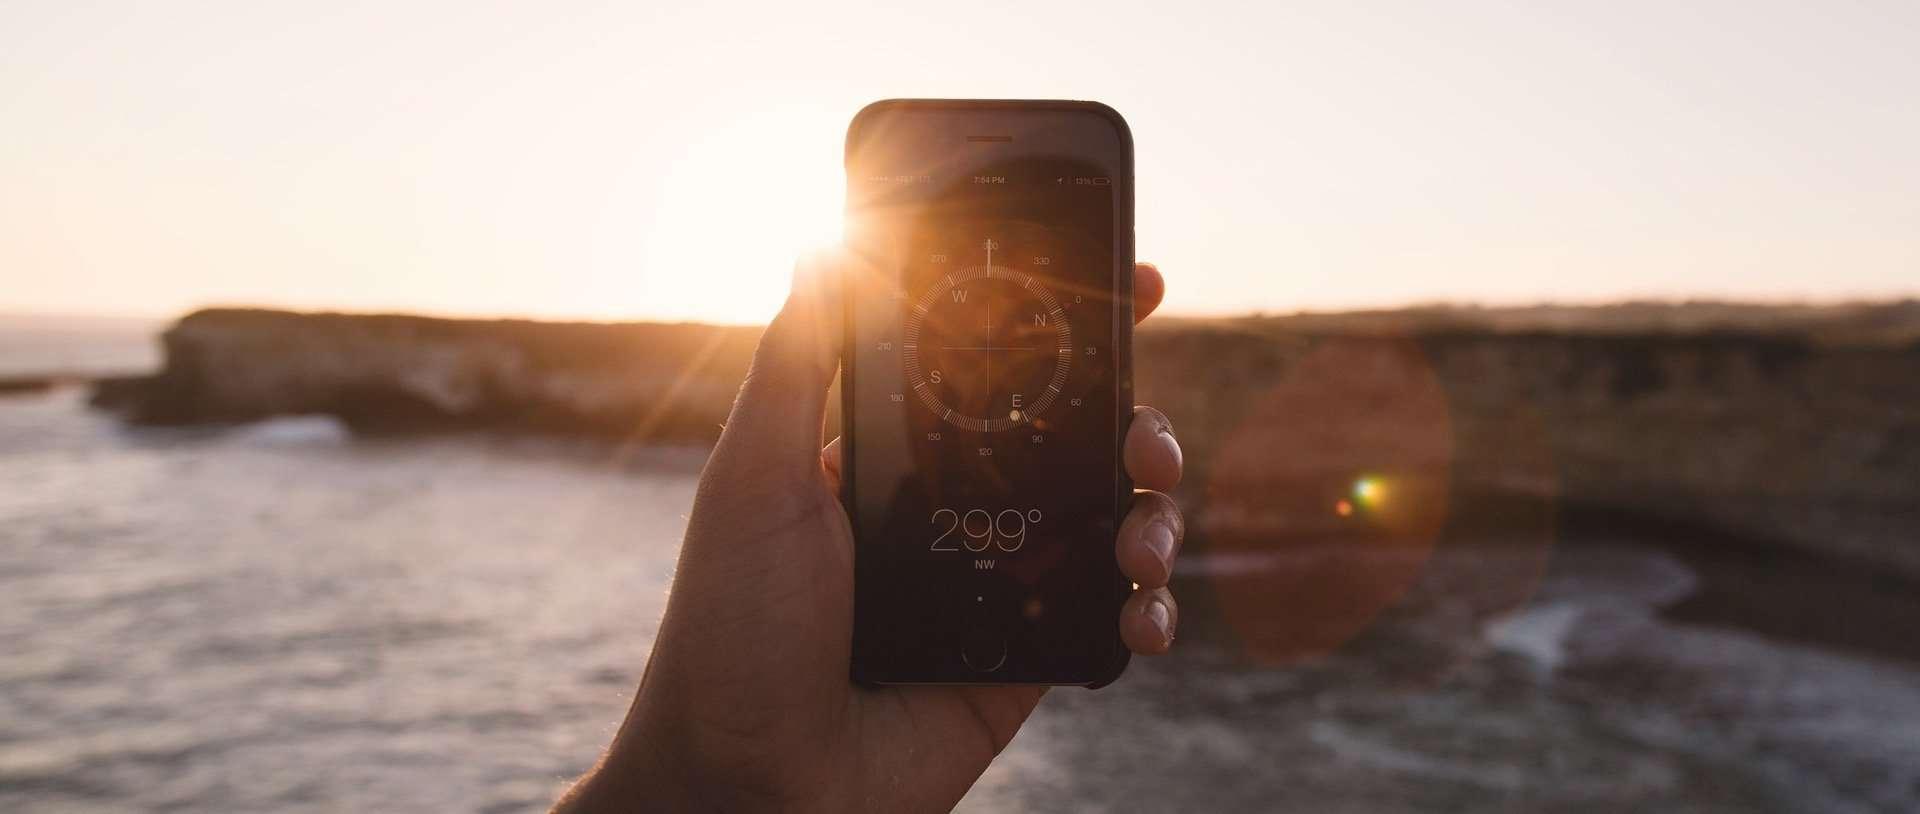 Tendencias en ecommerce 2019: dónde y cómo podremos hacer comercio electrónico este año, si no somos Amazon